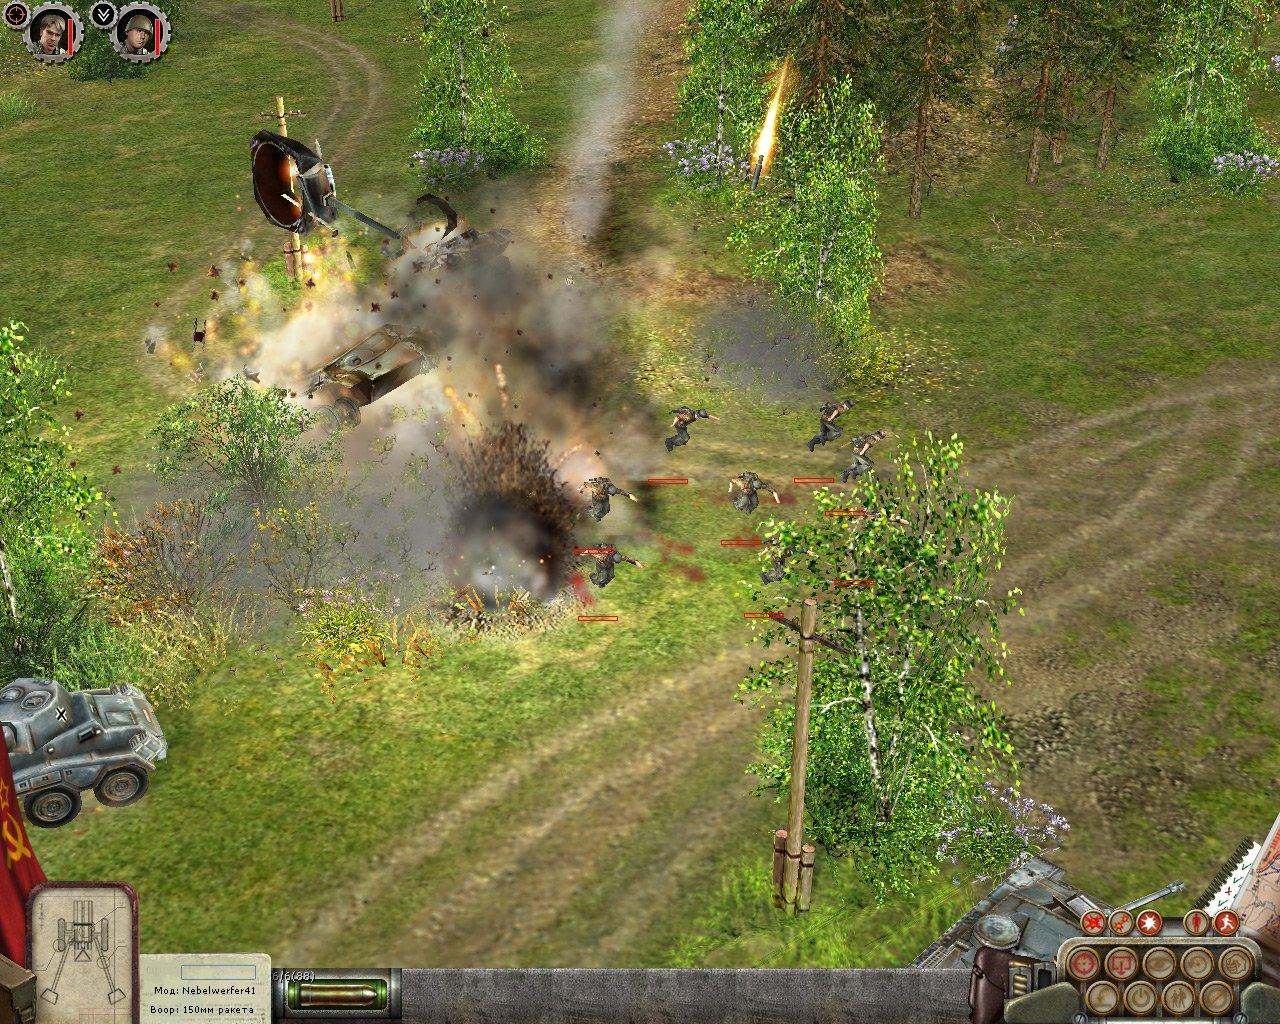 В тылу врага (скриншот игры)